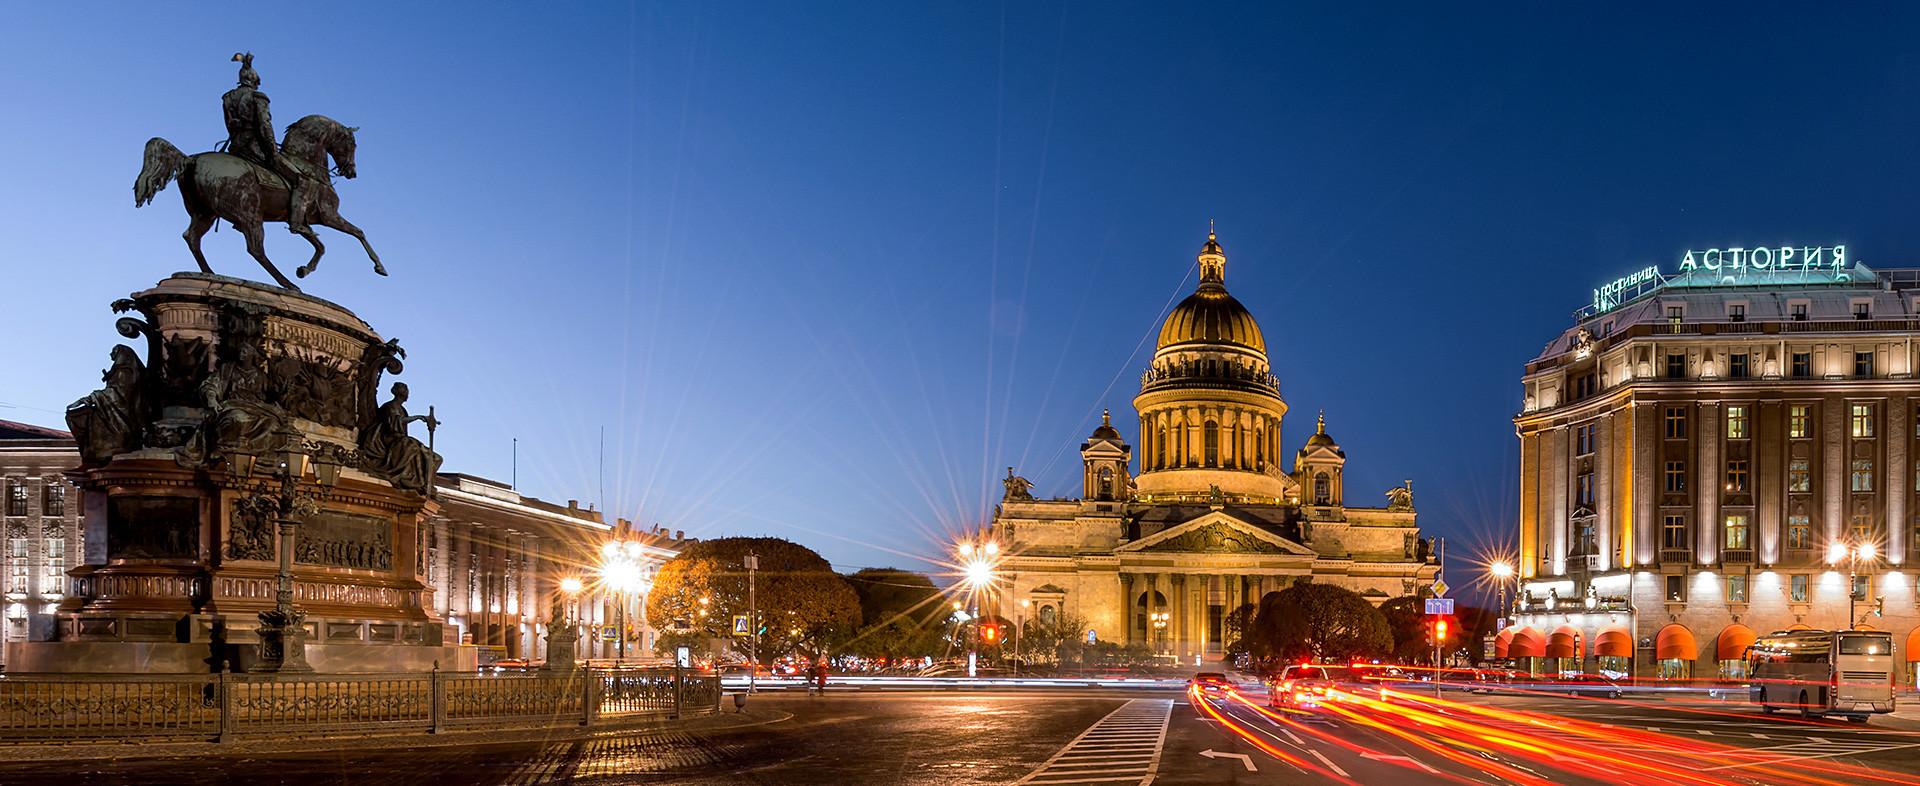 Рынок труда геймдева Санкт-Петербурга: спрос на специалистов, дефицит кадров и перспективы роста